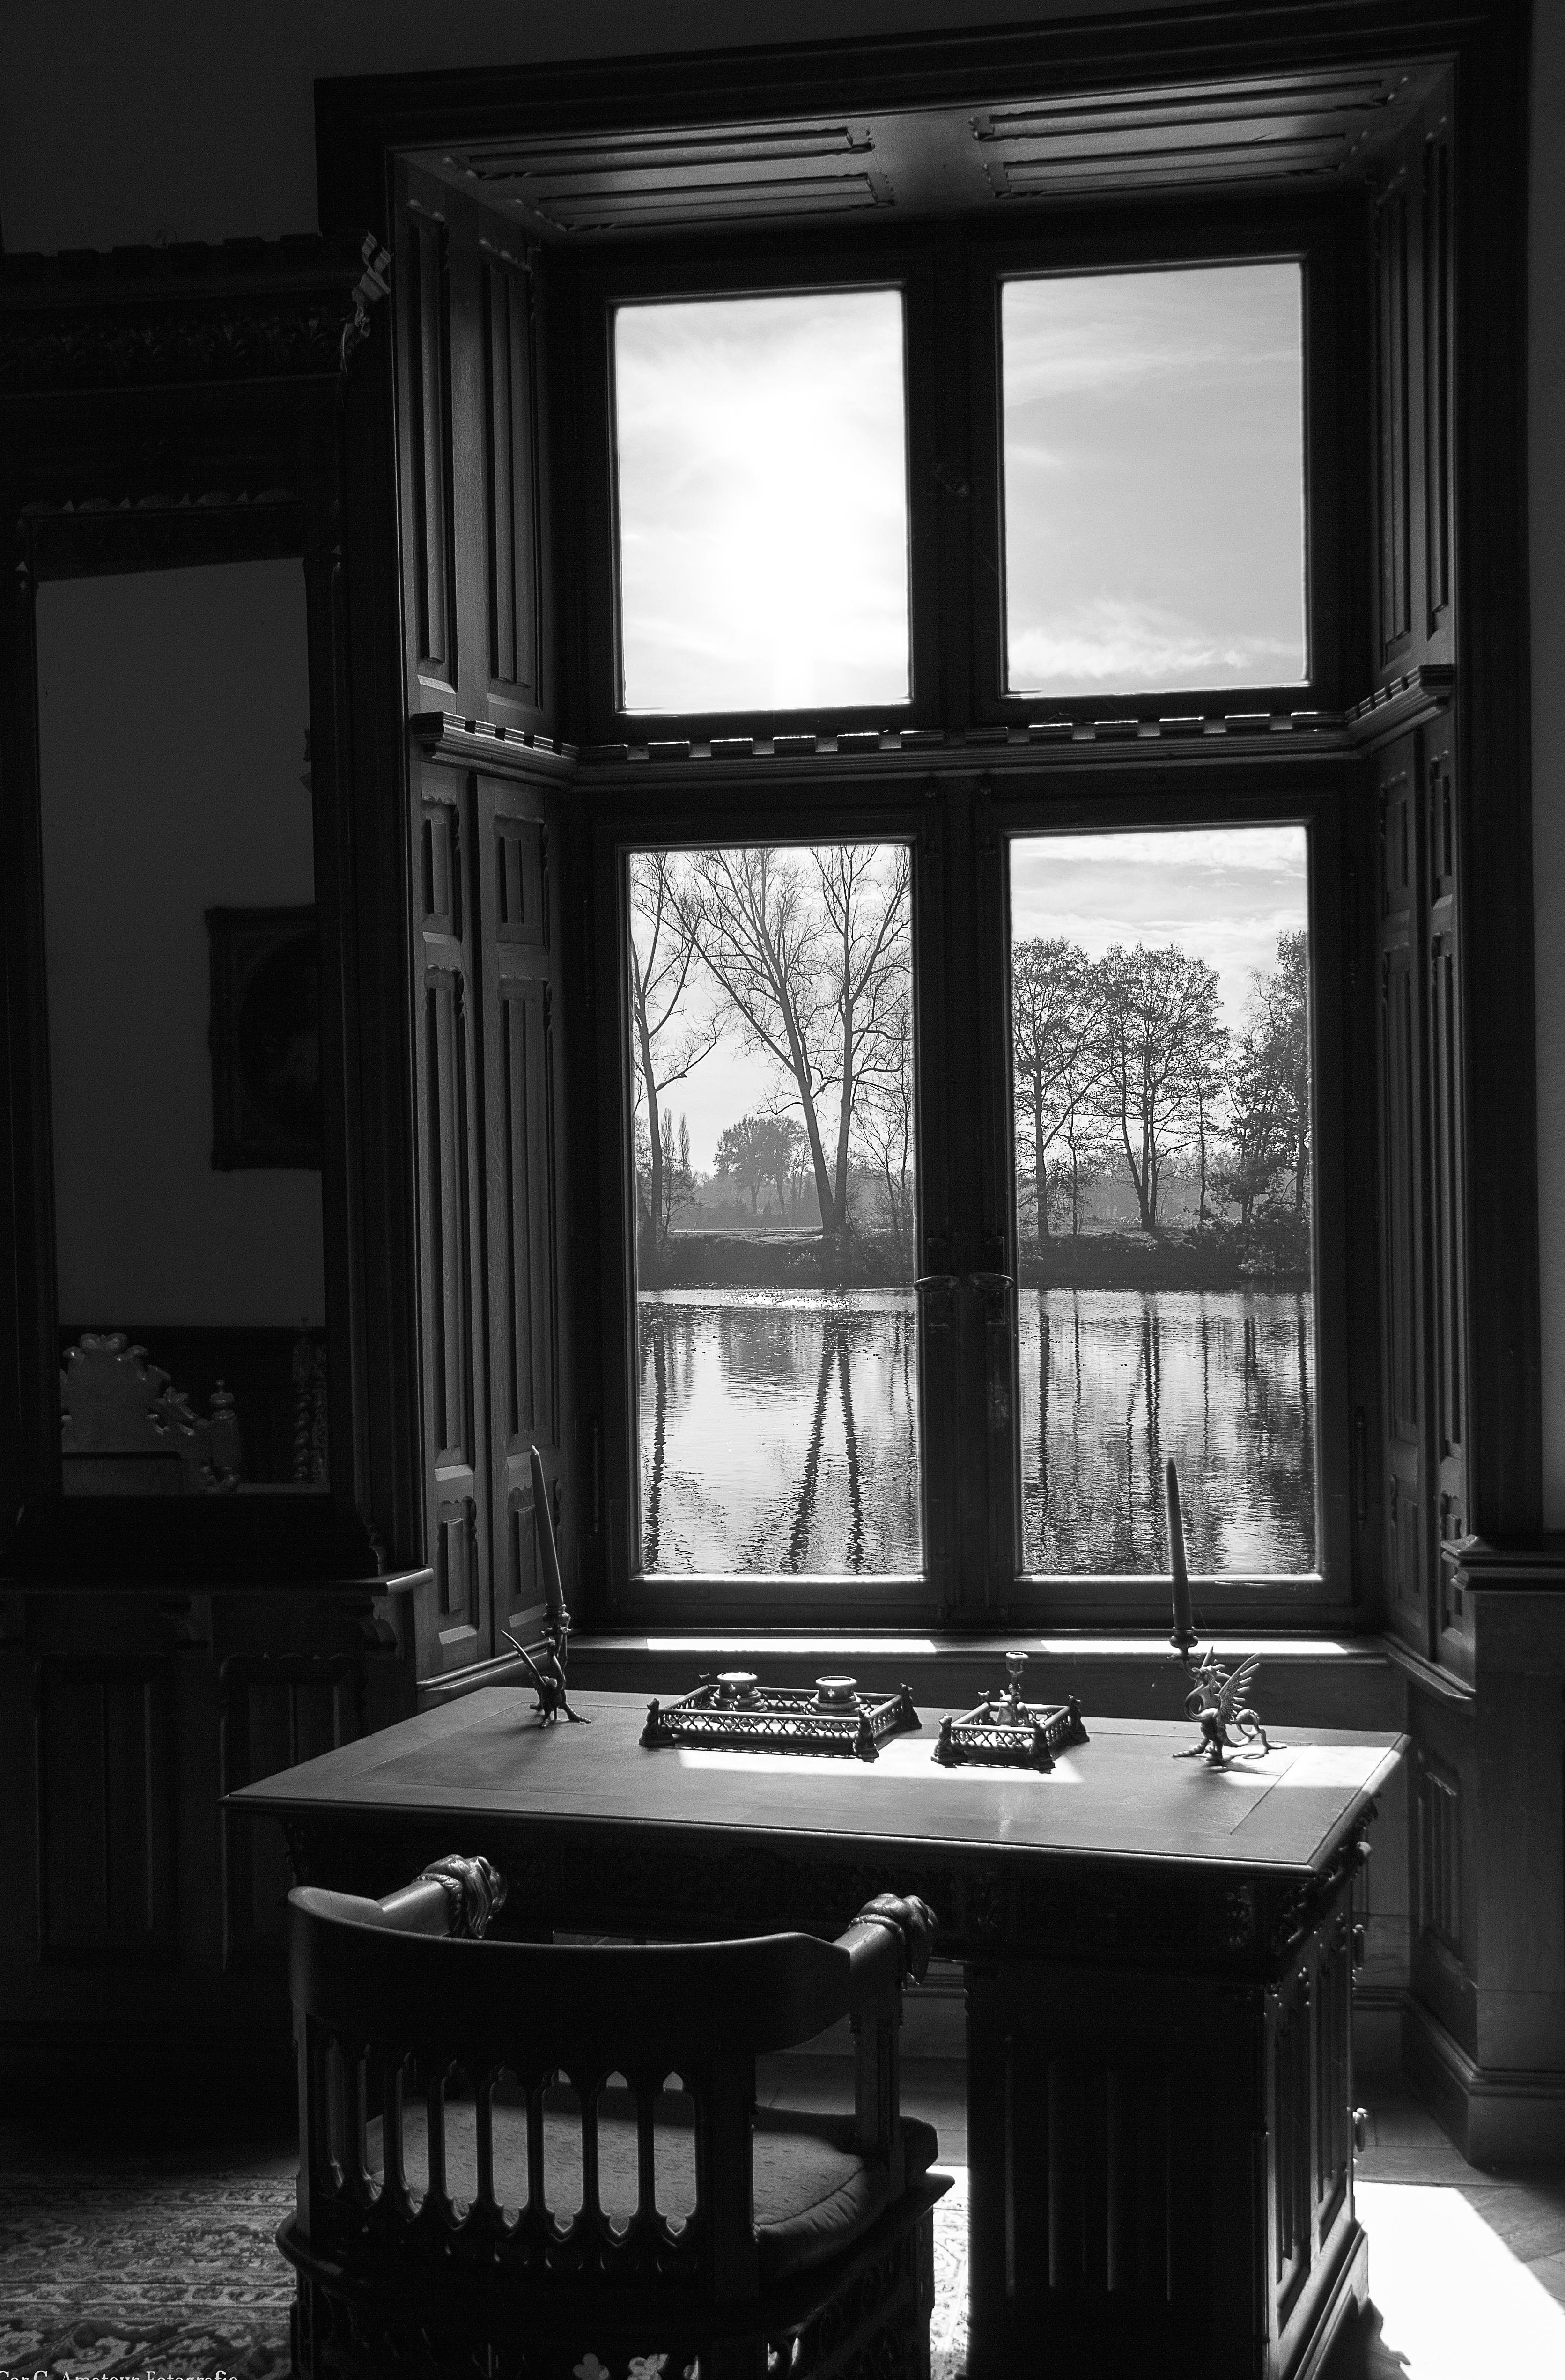 mesa en blanco y negro blanco casa silla ventana casa sala negro mueble habitacin monocromo iluminacin